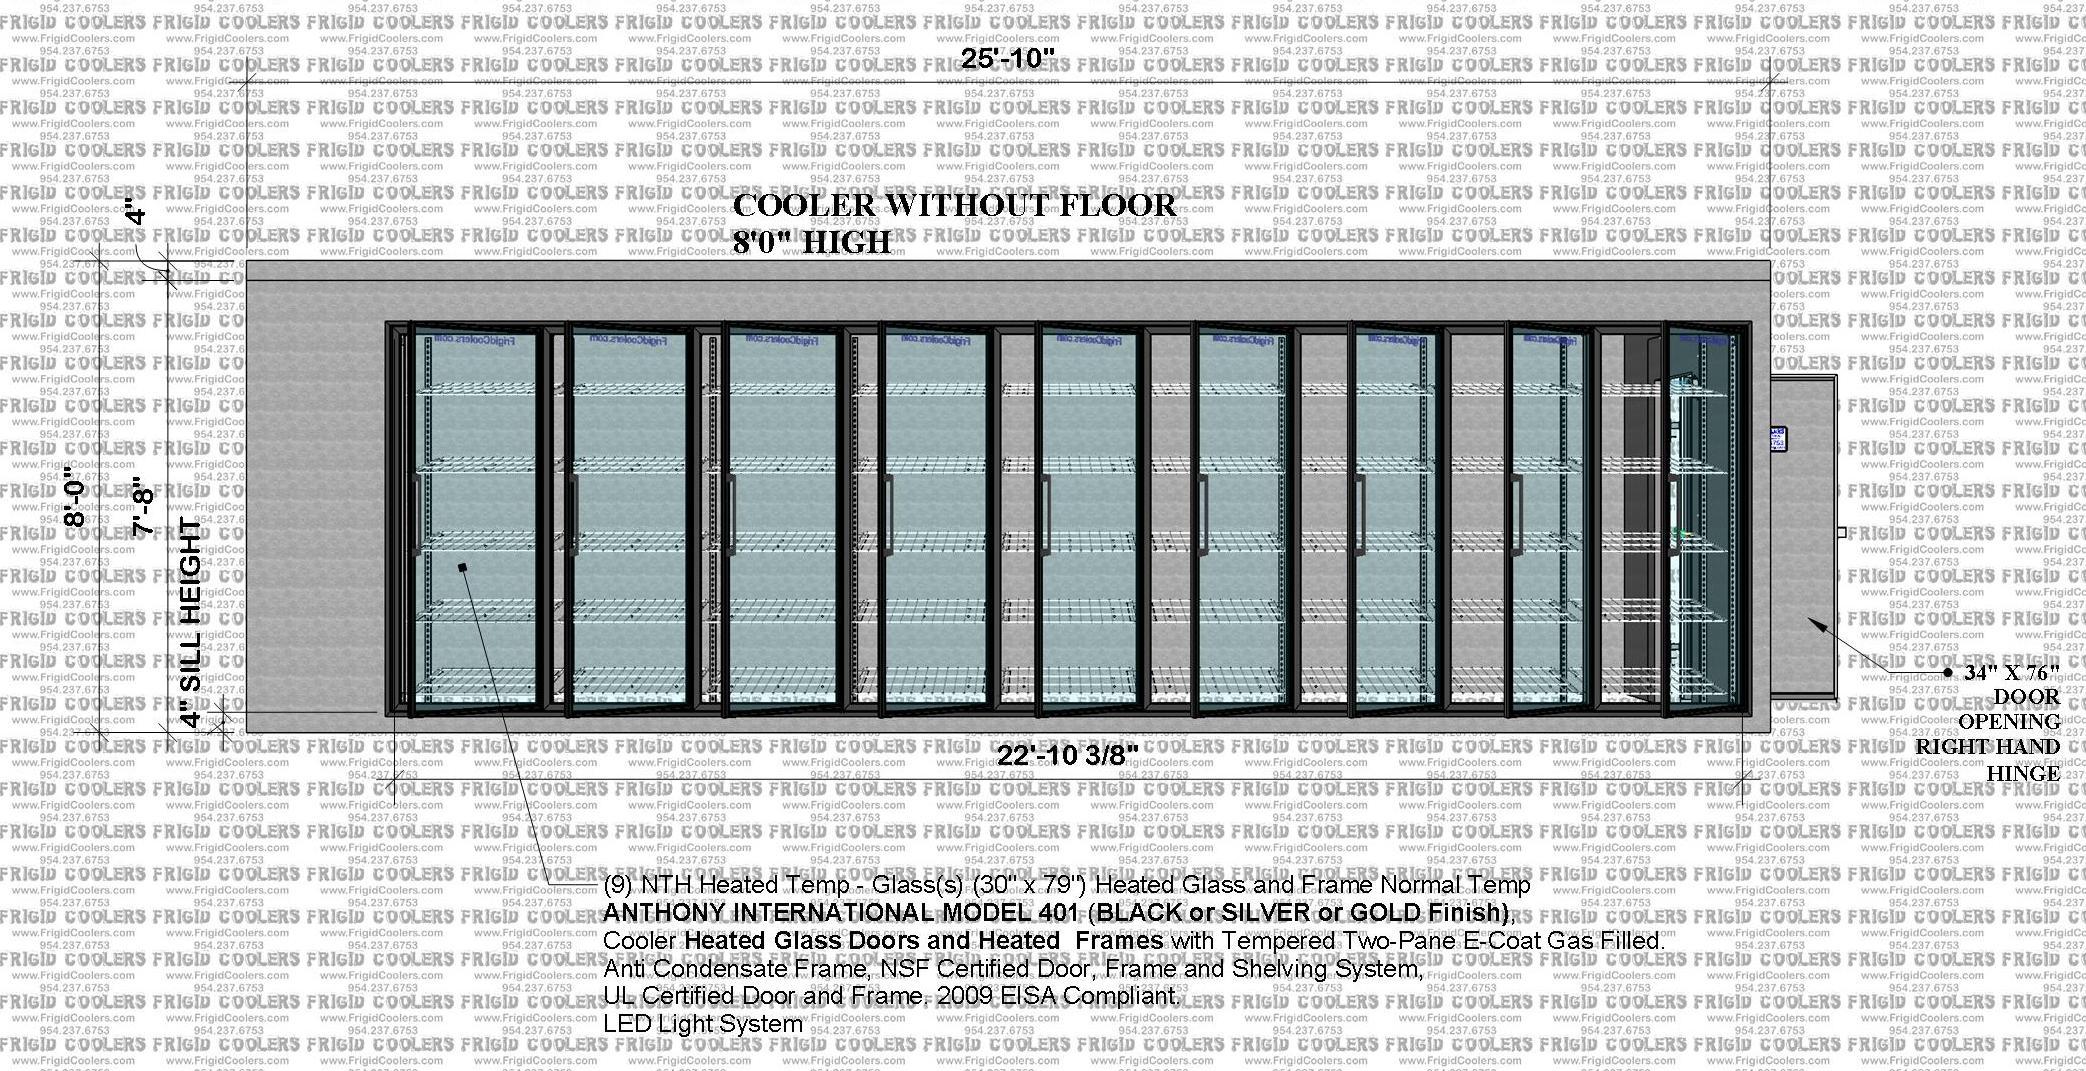 CNF 7-9X25-10X8 9 GDS 30X79_2